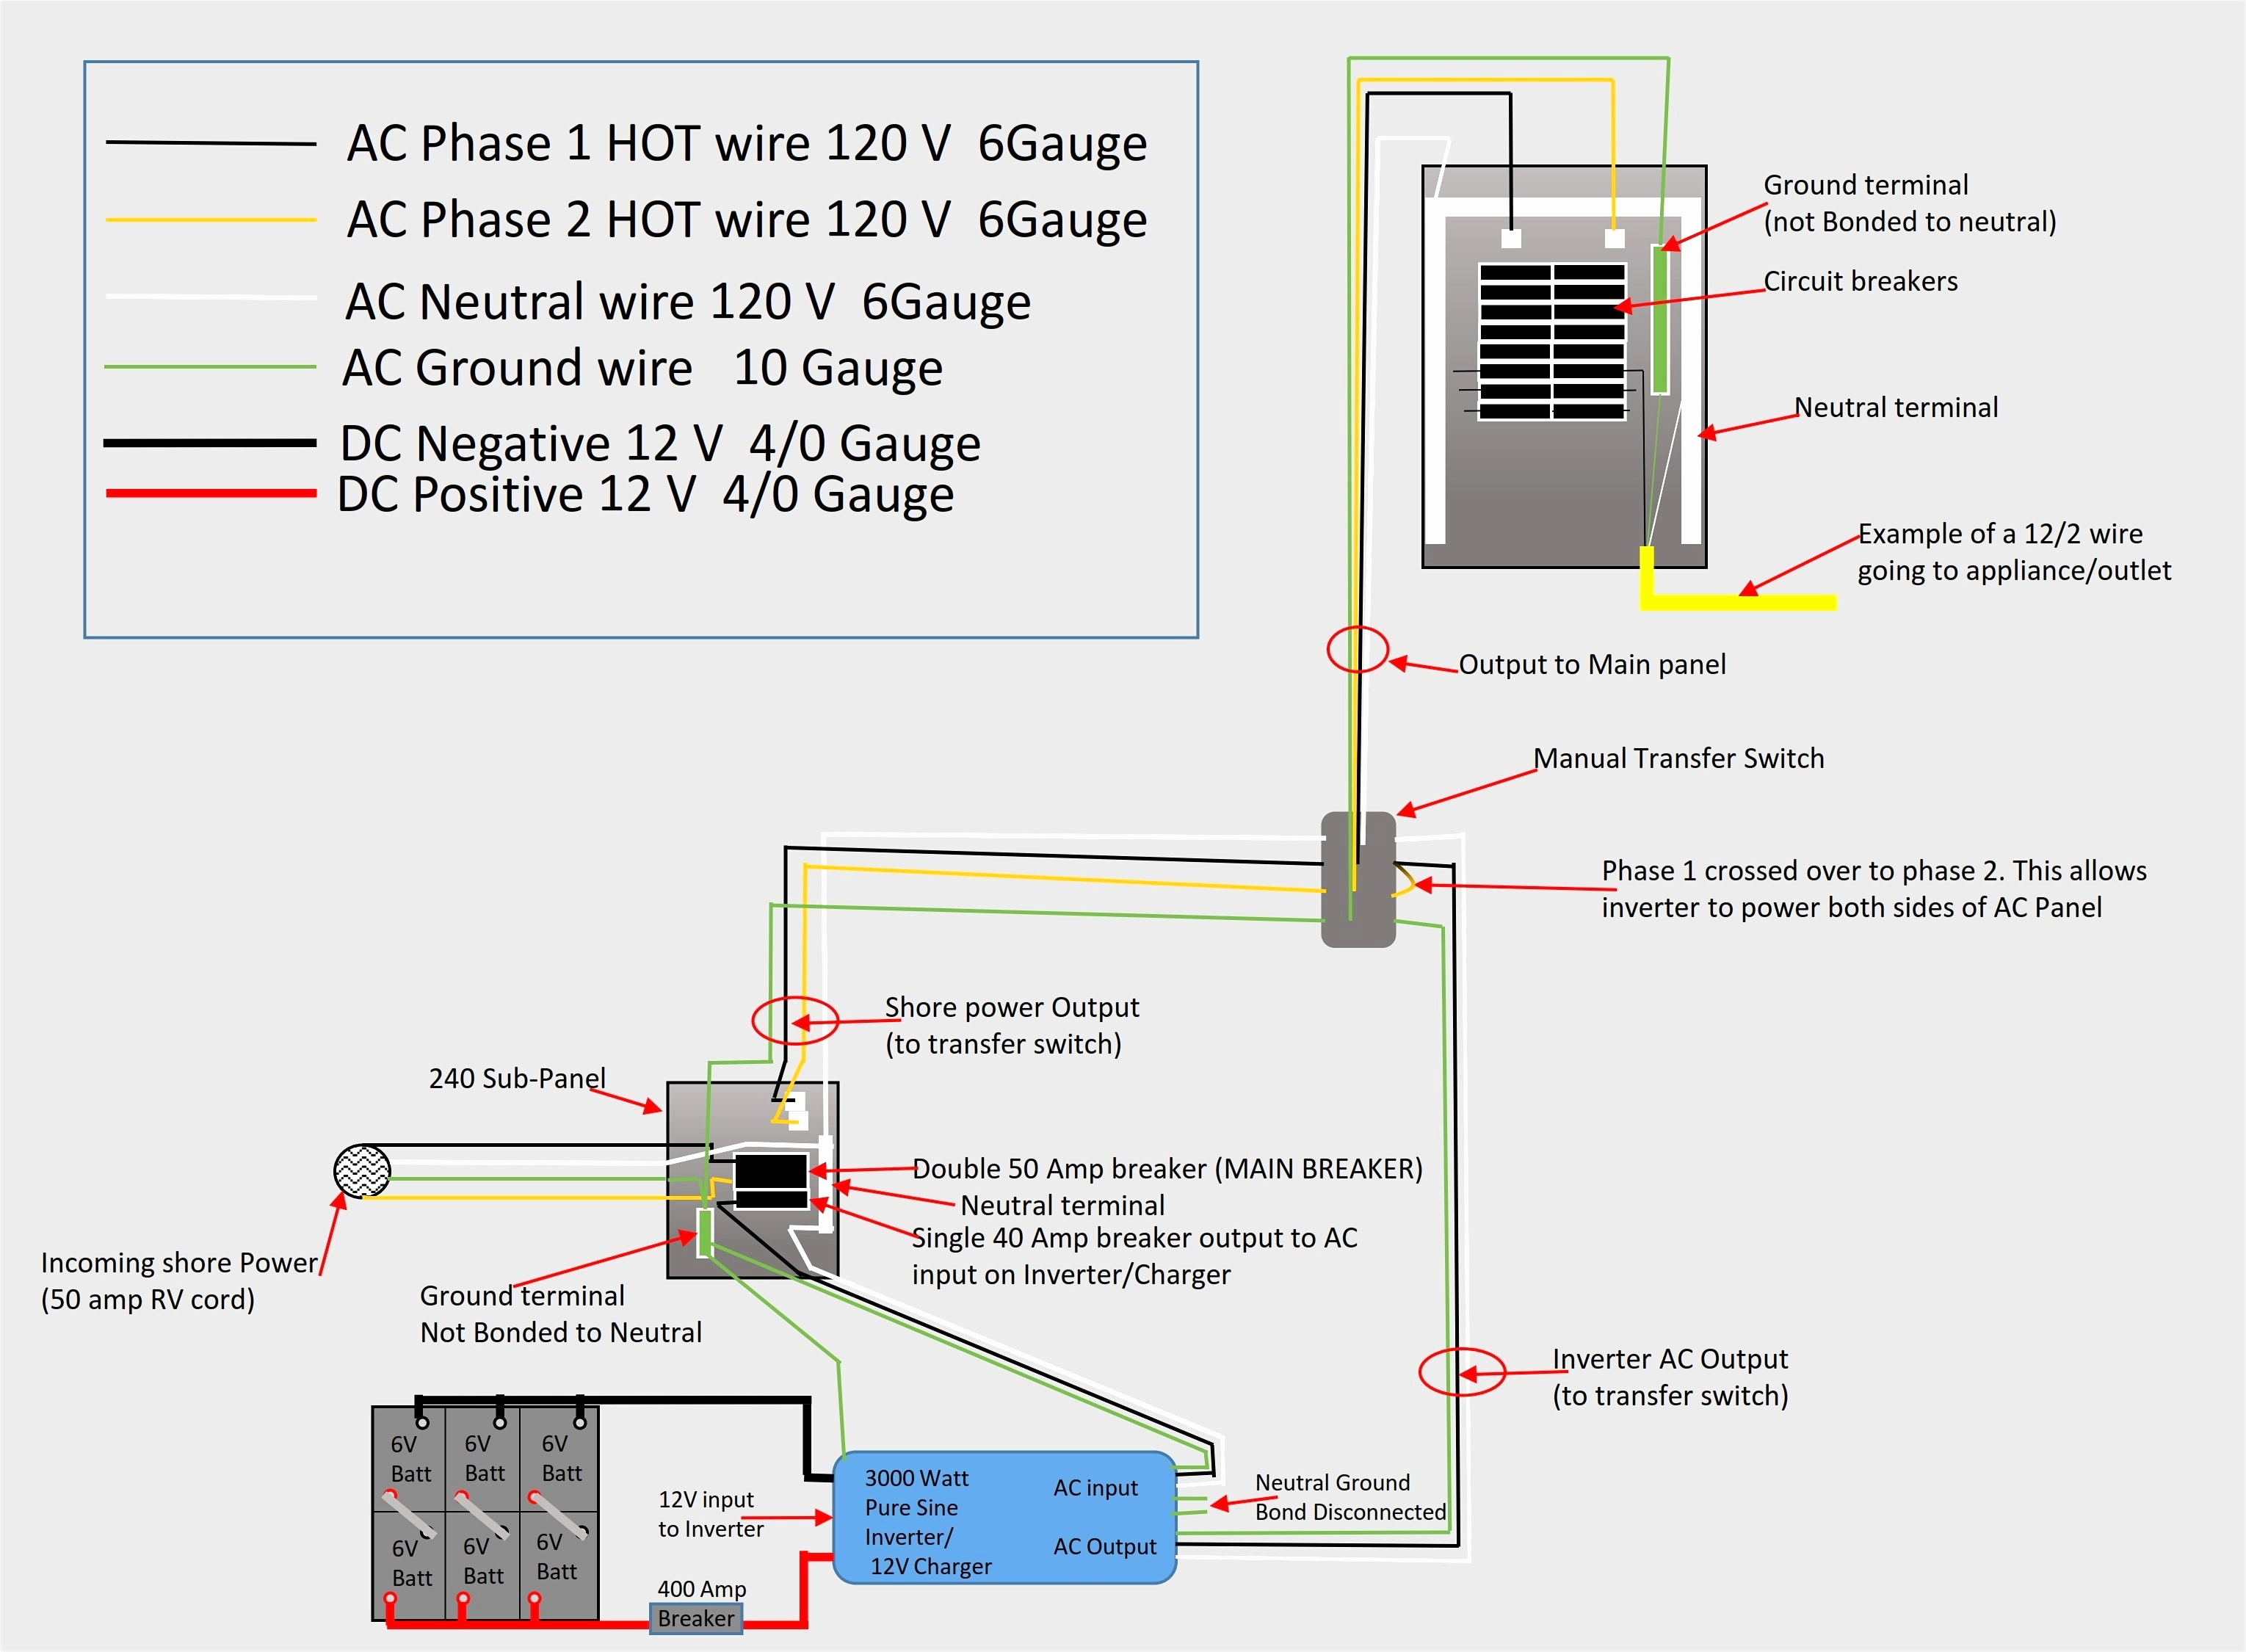 50 Amp Twist Lock Plug Wiring Diagram | Wirings Diagram  Wire Locking Plug Wiring Diagram on 4 wire transformer, 4 wire parts, 4 wire regulator, 4 wire plug, 4 wire alternator, 4 wire electrical wiring, 4 wire trailer diagram, 4-way circuit diagram, 4 wire relay, 4 wire switch diagram, 4 wire cable, 4 wire coil, 4 wire fan diagram, 4 wire compressor, 4 wire furnace diagram, 4 wire generator, 4 wire headlight, 4 wire solenoid, 4 wire arduino diagram, 4 wire circuit,